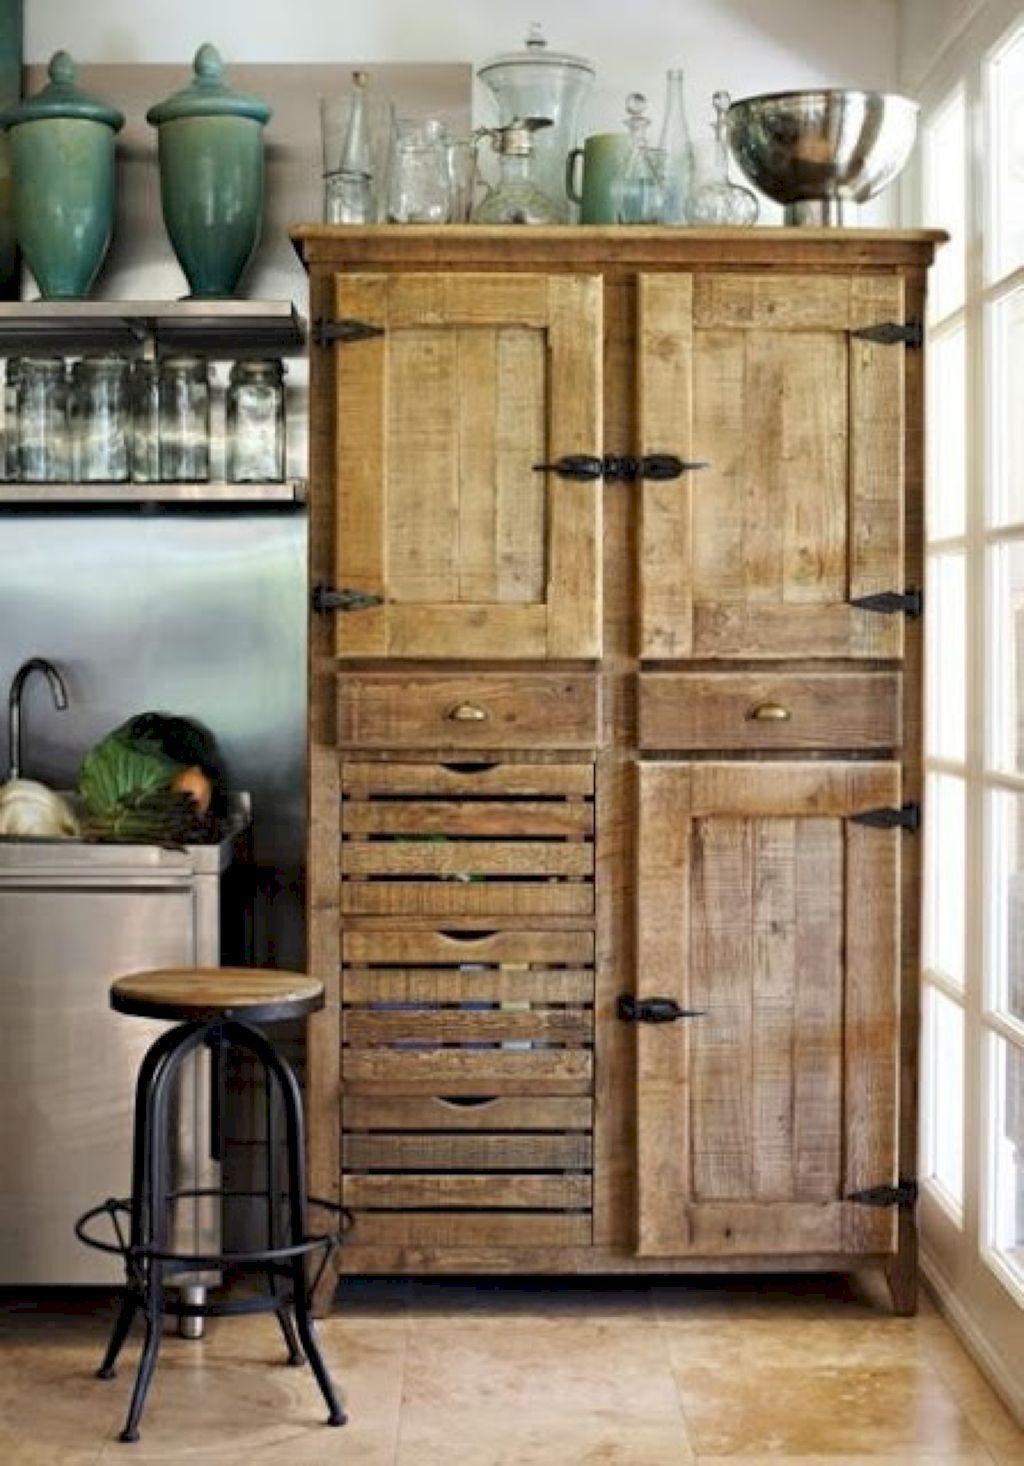 17 Rustic Farmhouse Kitchen Decor Ideas   Farmhouse kitchen decor ...